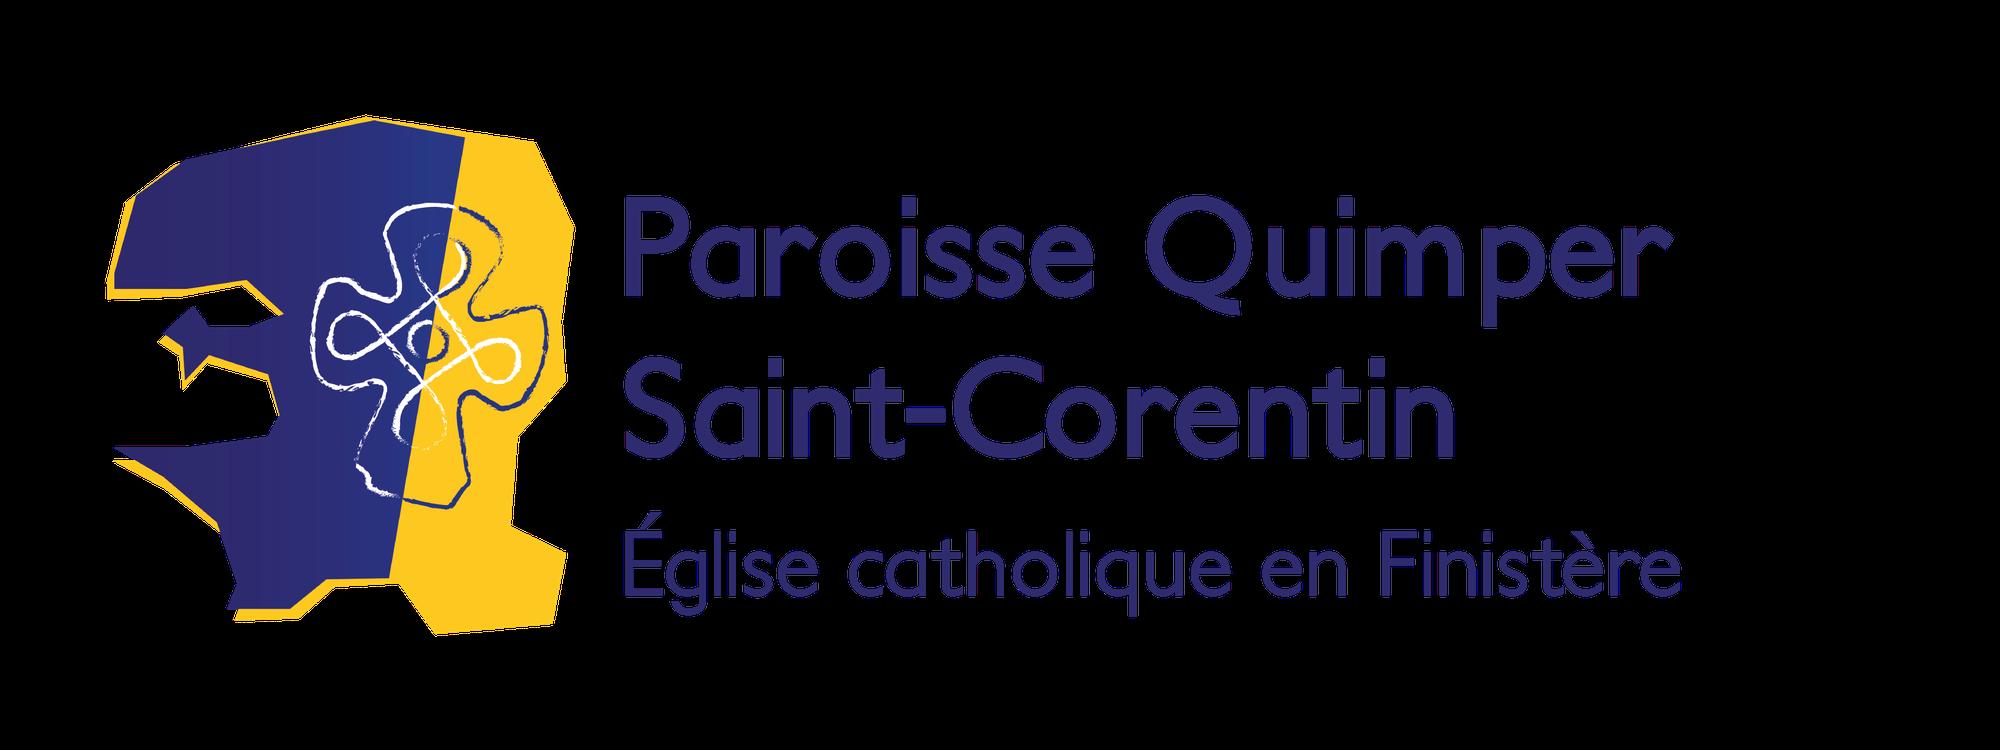 Bulletin paroissial du dimanche 9 mai 2021